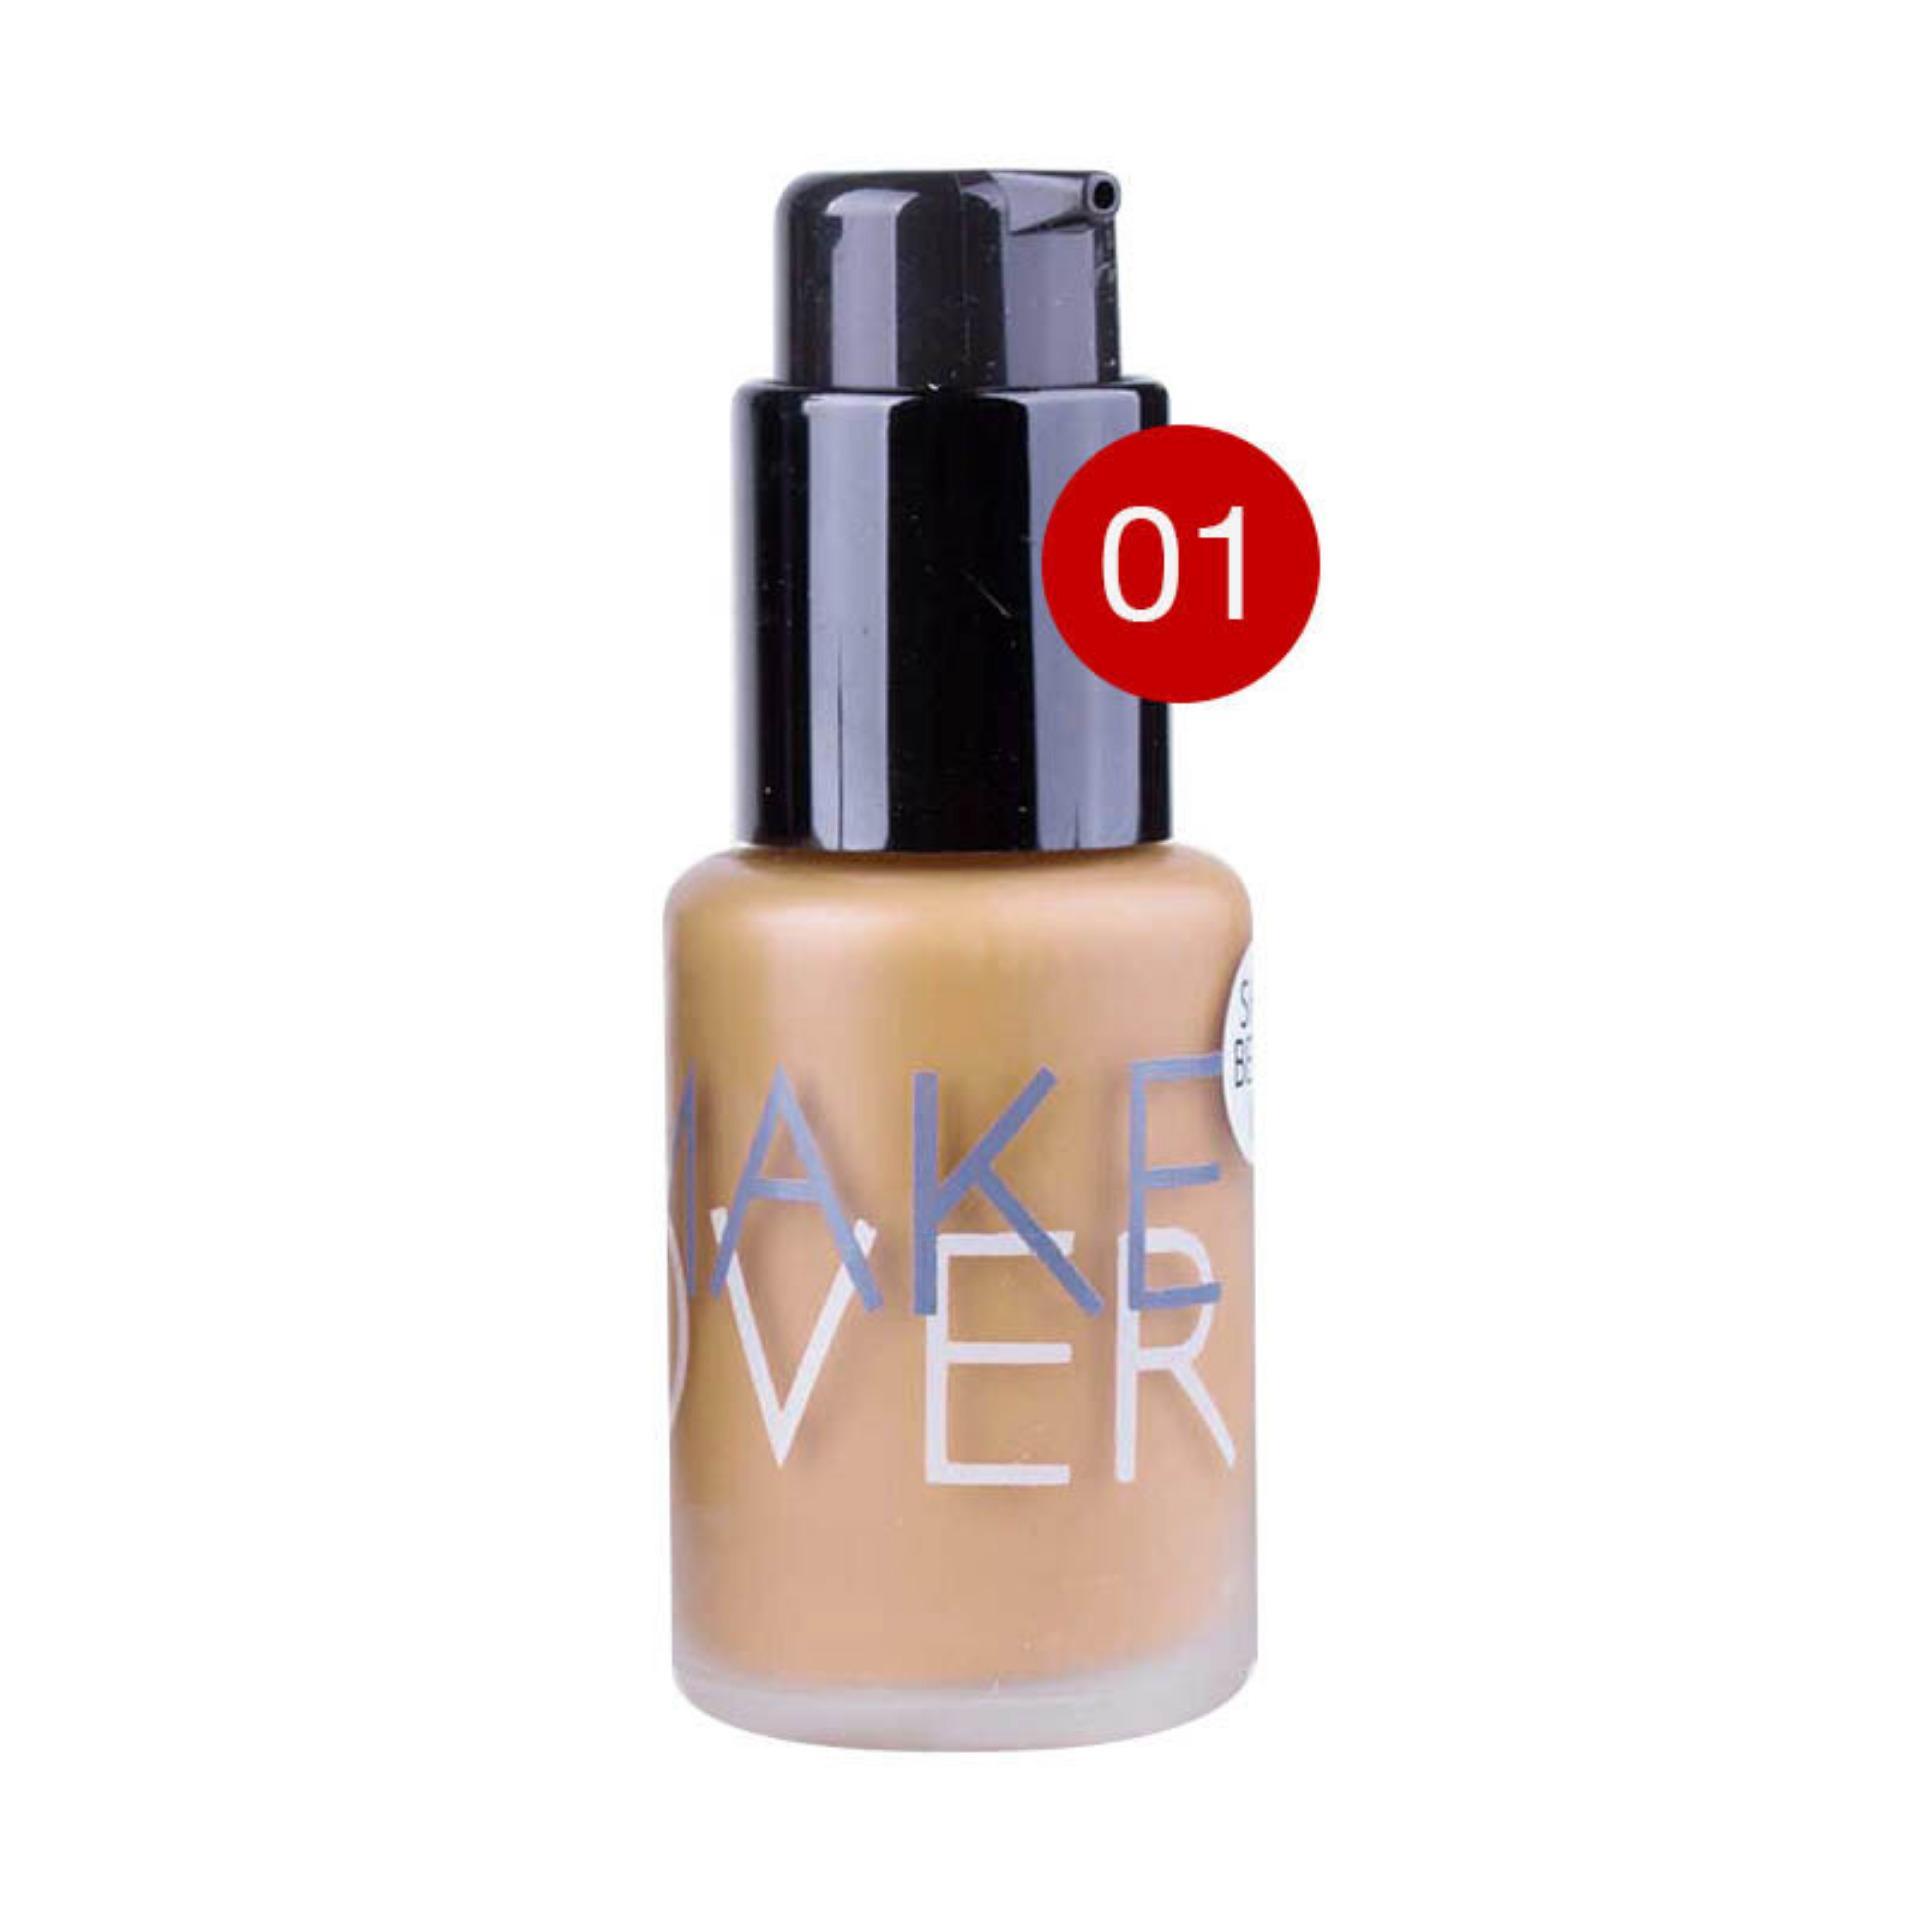 Make Over Ultra Cover Liquid Matt Foundation 01 Ochre Kosmetik Up Atasi Noda